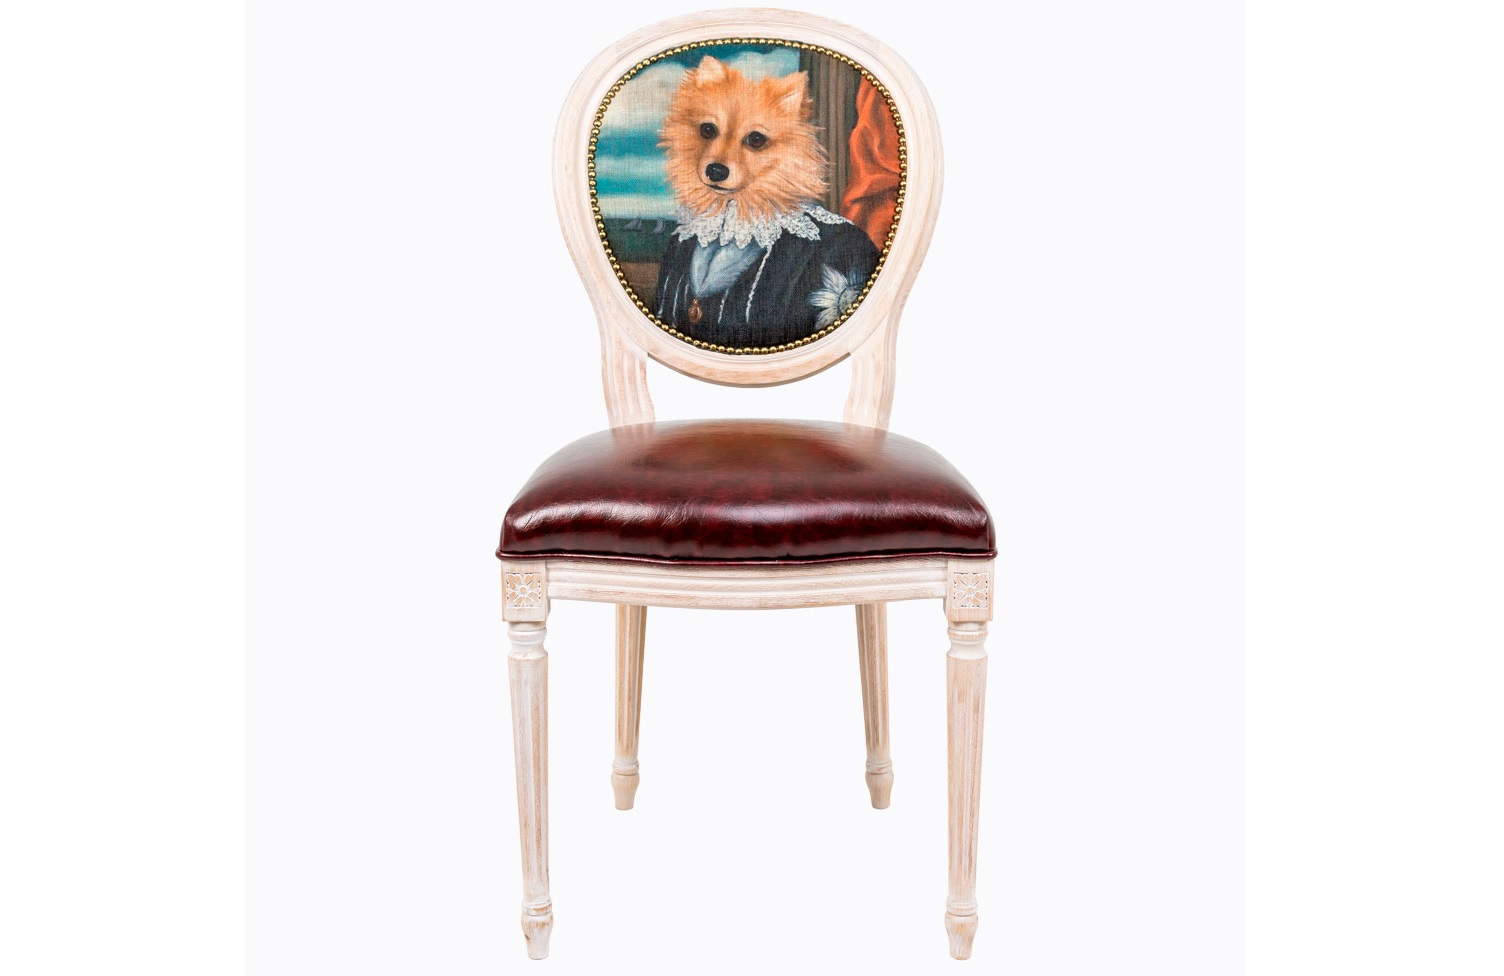 Стул Музейный экспонат, версия 11Обеденные стулья<br>Стулья серии &amp;quot;Музейный экспонат&amp;quot; имитируют дворцовую эпоху Луи-Филиппа, предпочитающую благородные лаконичные формы, раскрашенные золотистыми анкерами и филигранной резьбой. Натуральное дерево и ручная работа одухотворяют предметы мебели, вносят эмоции тепла и персональной заботы. Стулья изготовлены из ядра натурального бука. Корпусы стульев серии &amp;quot;Музейный экспонат&amp;quot; выточены, брашированы и патинированы в Италии. Благородная фактура натурального дерева подчеркнута рукописной патиной. Обивка спинки оснащена тефлоновым покрытием против пятен.&amp;lt;div&amp;gt;&amp;lt;br&amp;gt;&amp;lt;/div&amp;gt;&amp;lt;div&amp;gt;Материал сидения - экокожа.&amp;lt;/div&amp;gt;<br><br>Material: Дерево<br>Ширина см: 50<br>Высота см: 98<br>Глубина см: 47